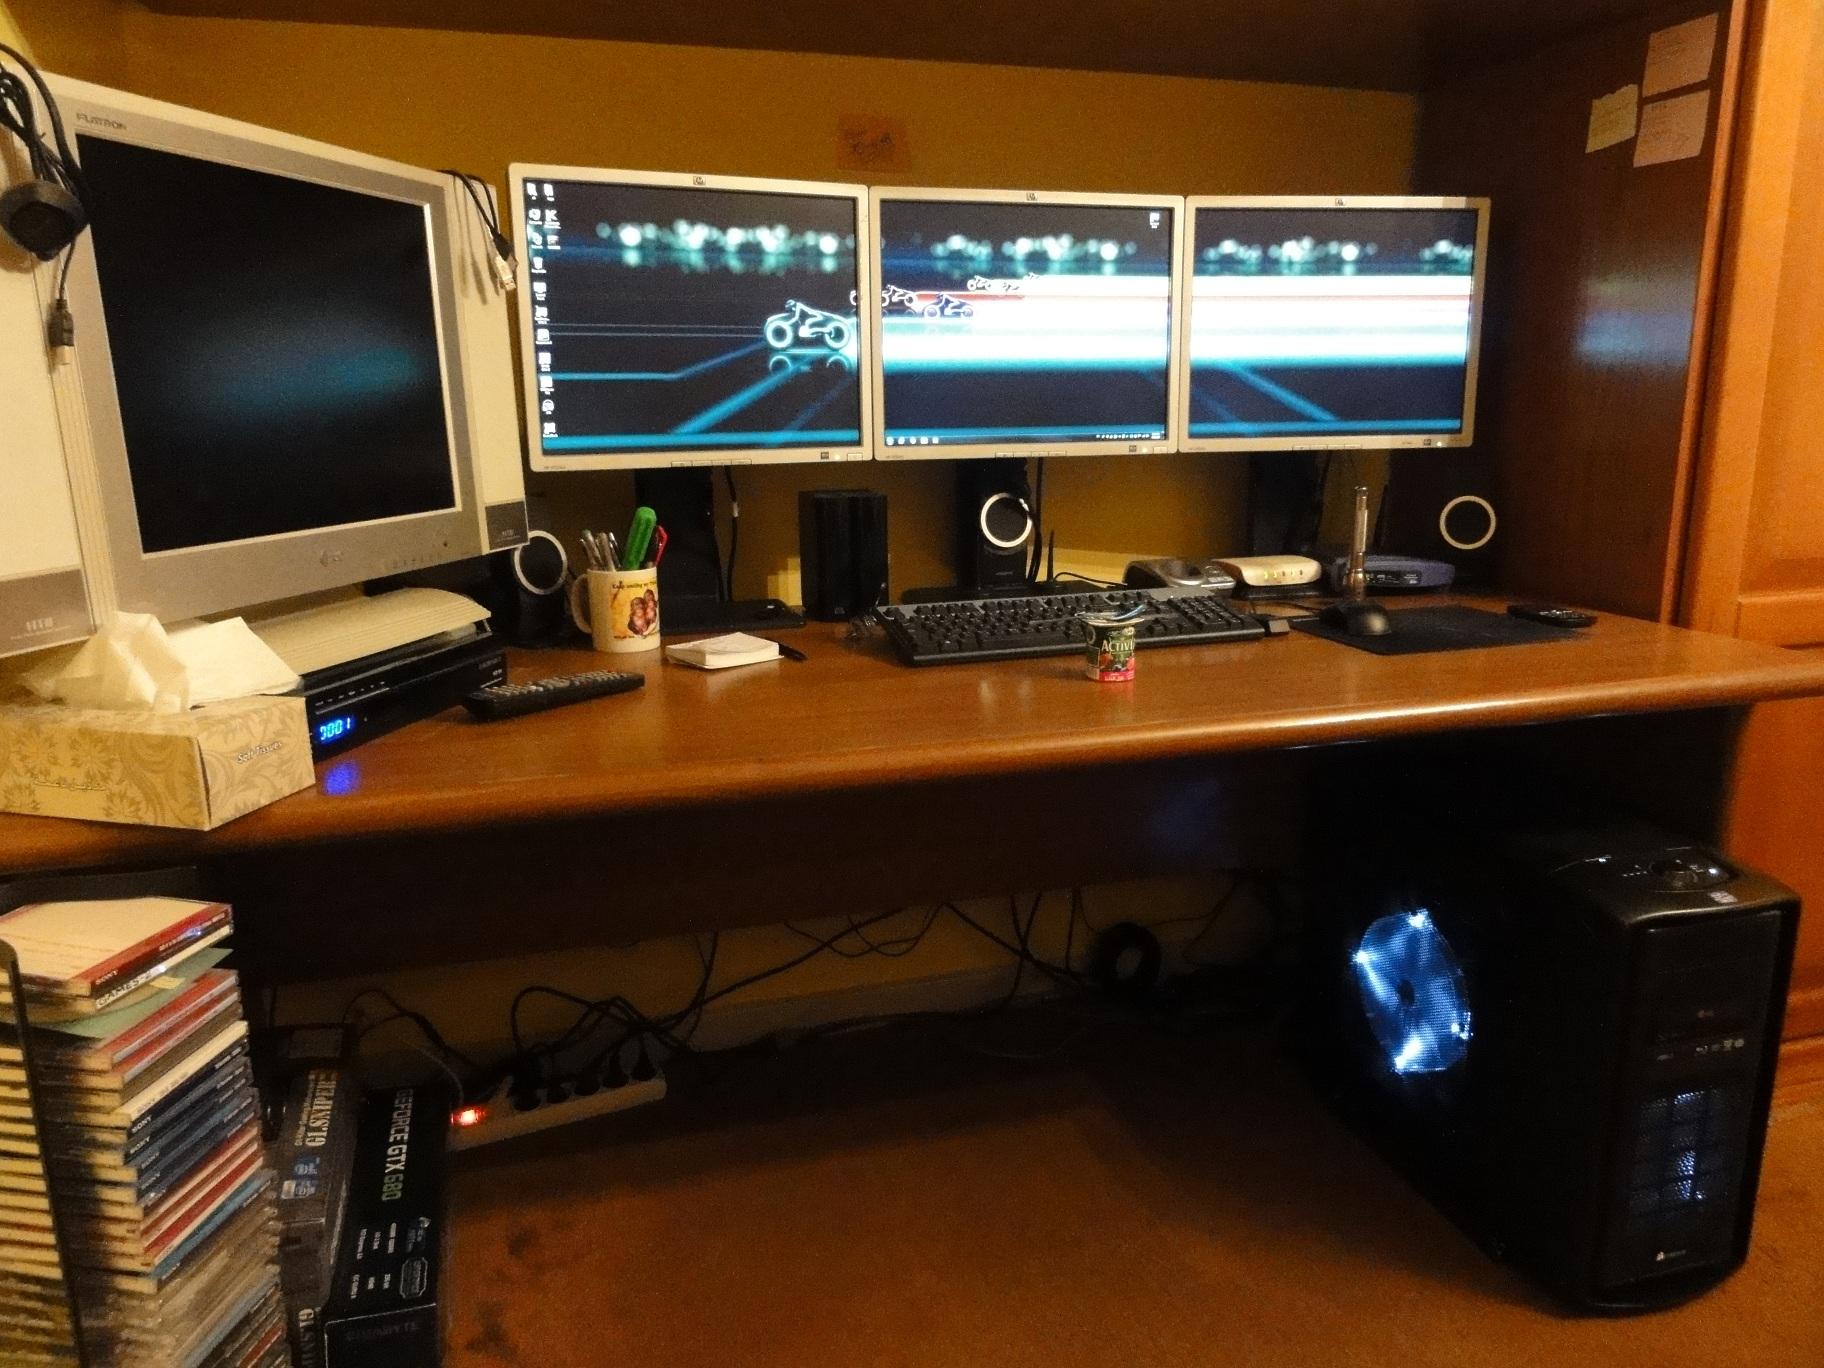 مكتبي الخاص بالمنزل وإنفيديا سرراوند